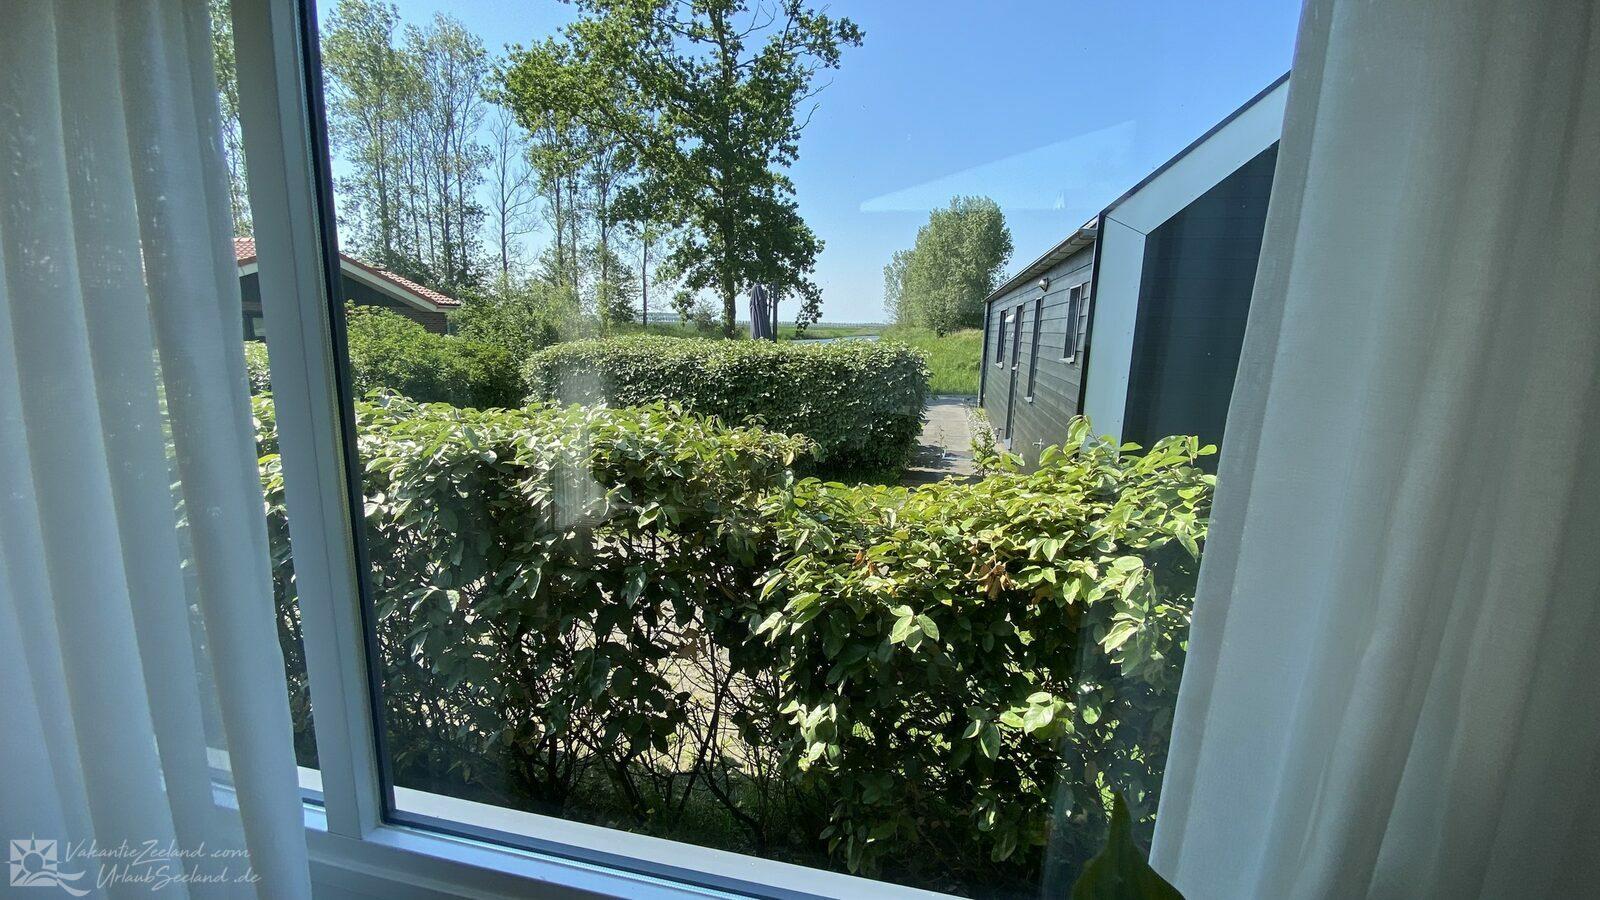 VZ1026 Ferienhaus in Kattendijke